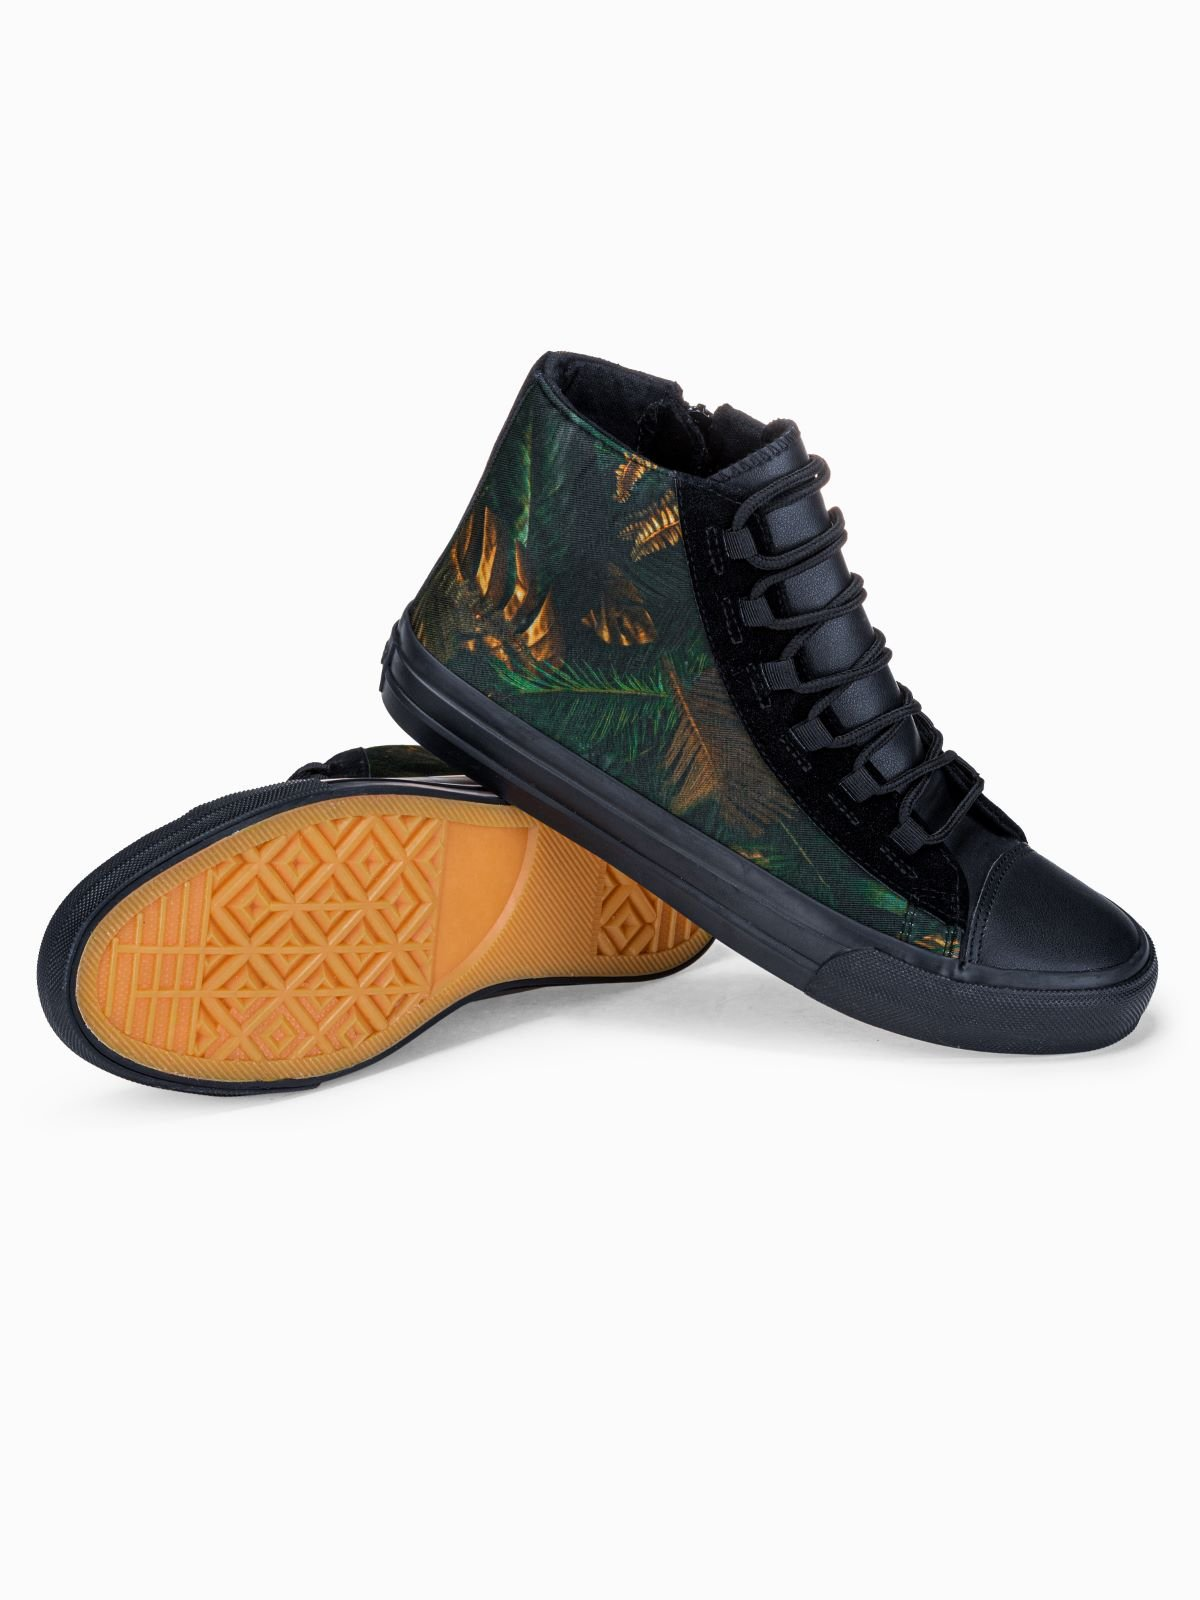 Trampki męskie sneakersy T347 - khaki/granatowe